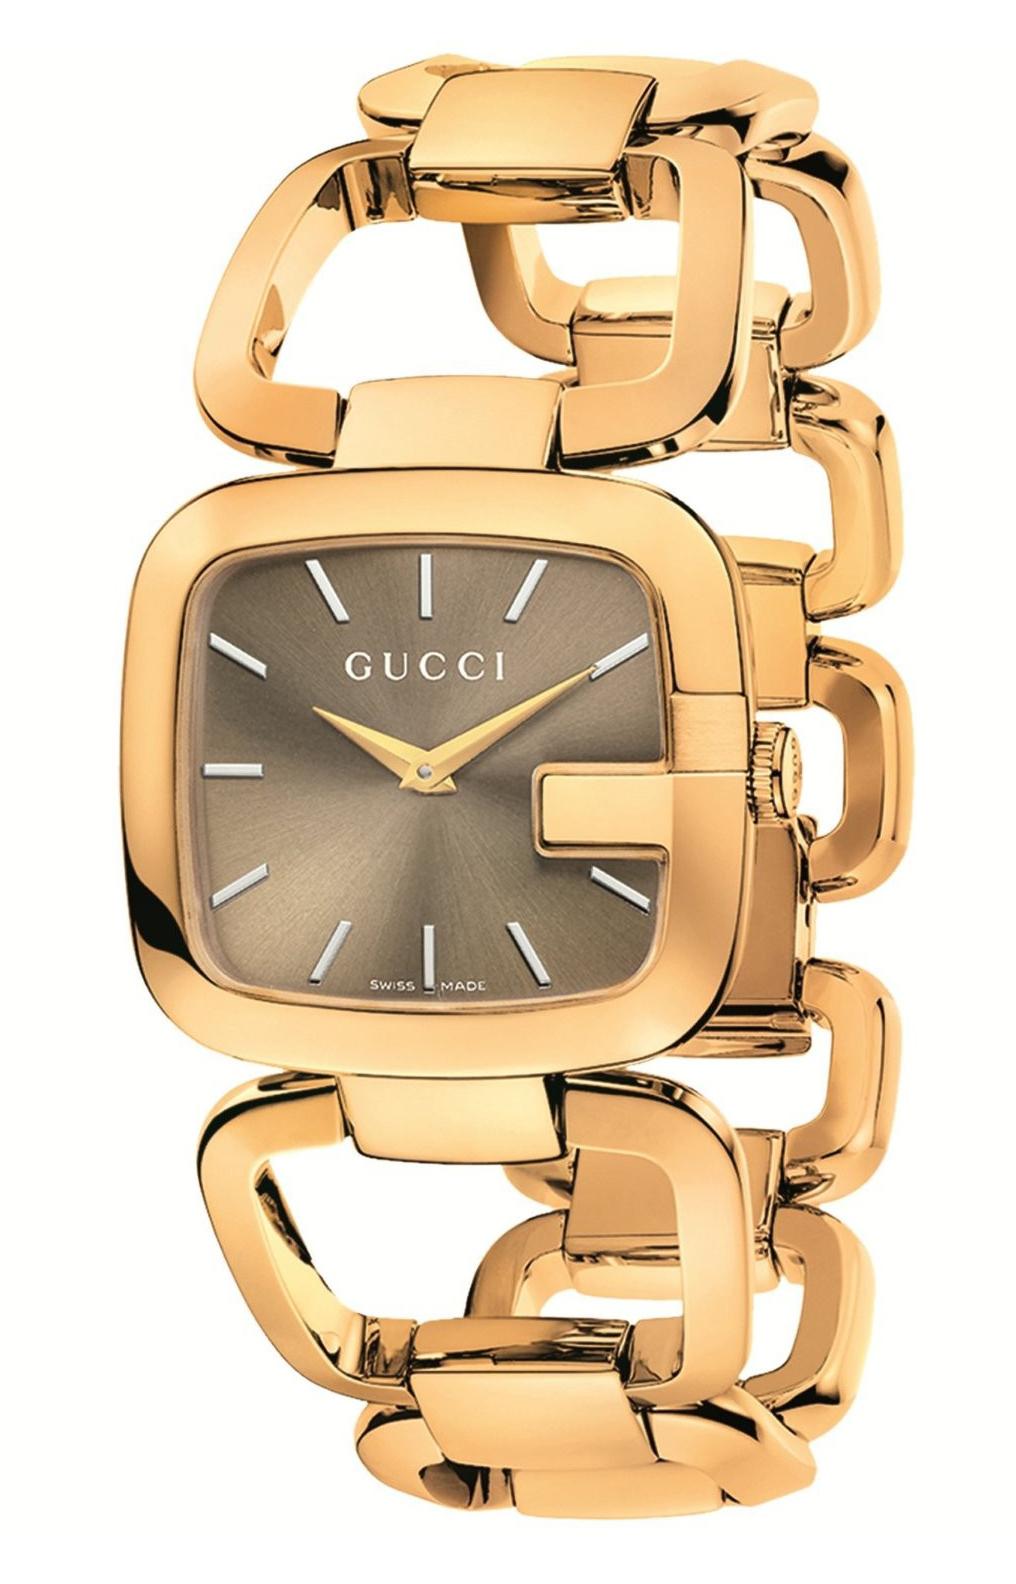 Gucci 125 MD Damklocka YA125408 Brun/Gulguldtonat stål - Gucci